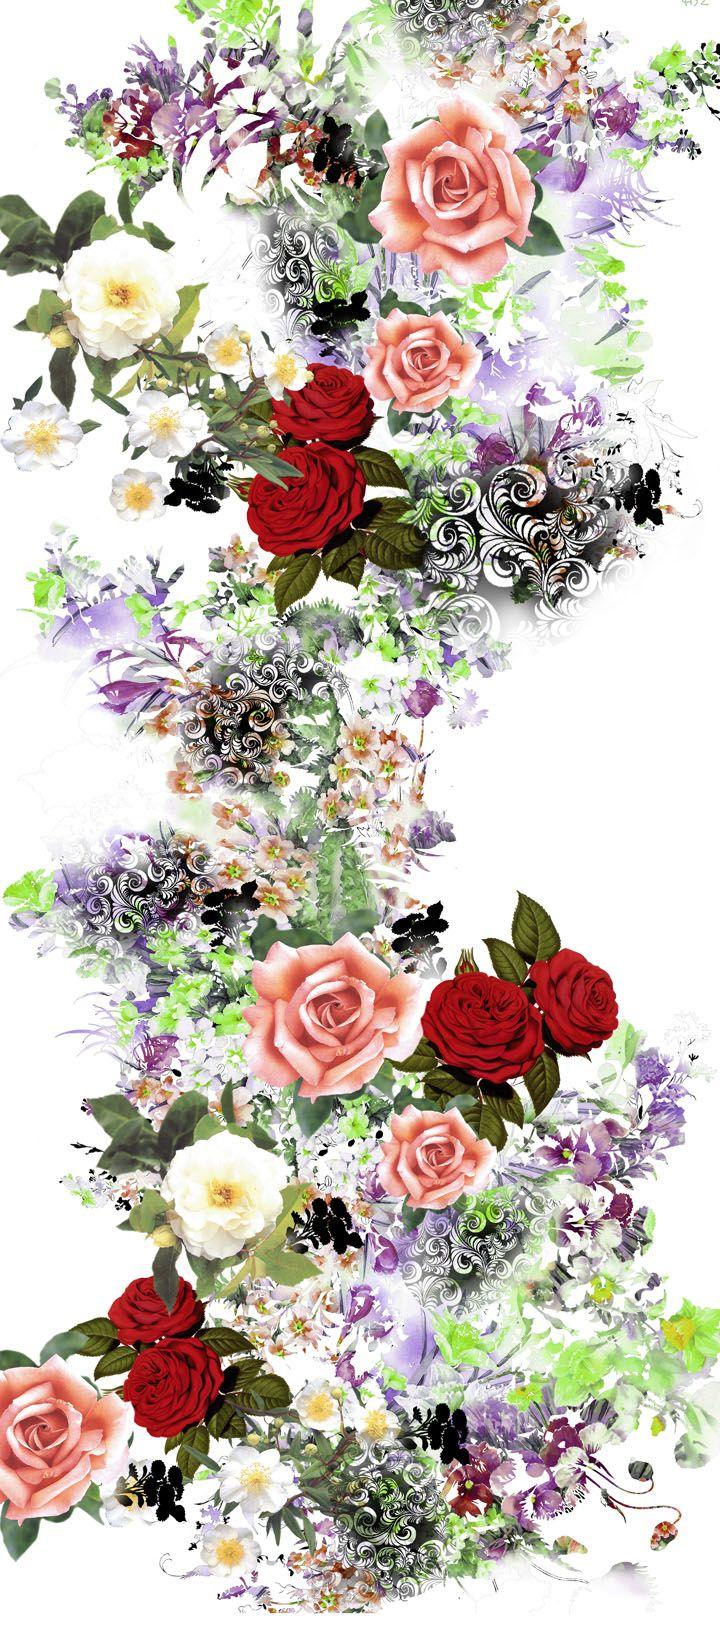 http://www.hellosilk.com/digital-print-silk Digital Printing Silk Fabric, Digital Printing Silk Fabric from Hellosilk.com --- STT-06827G